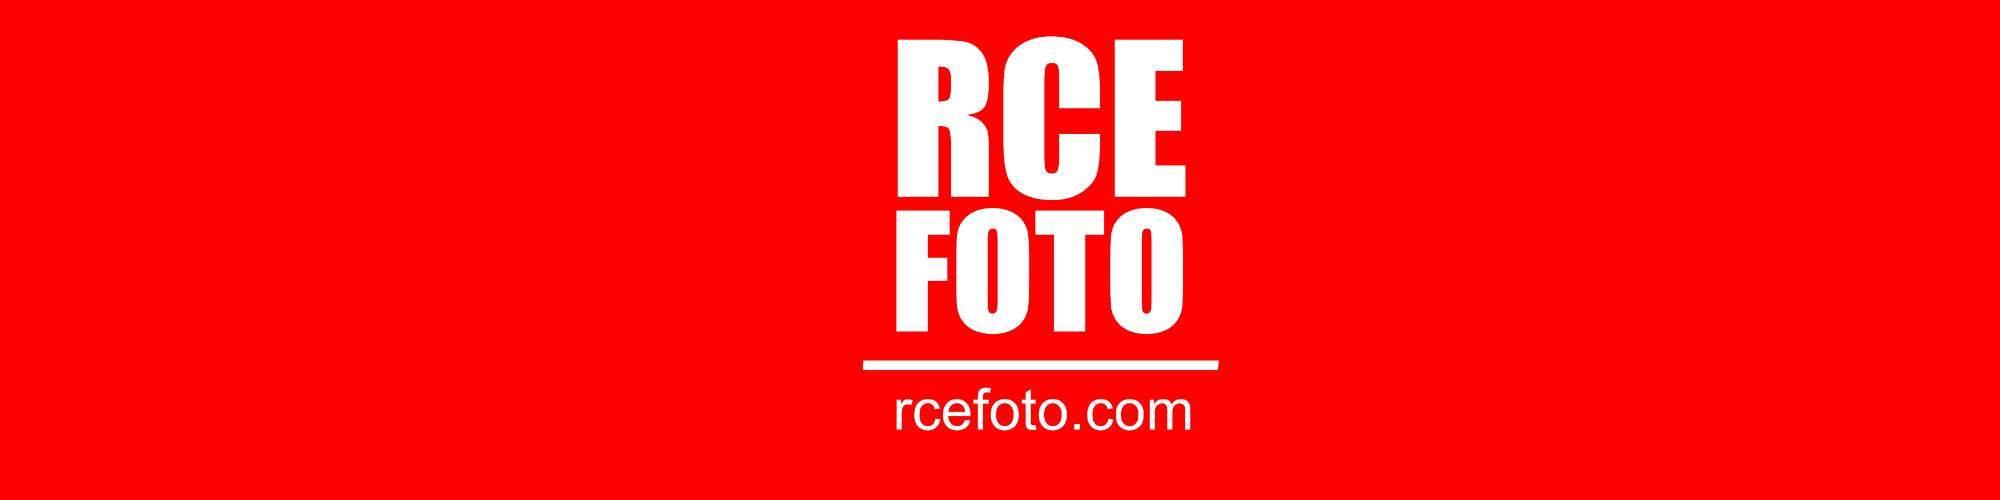 negozi di fotografia